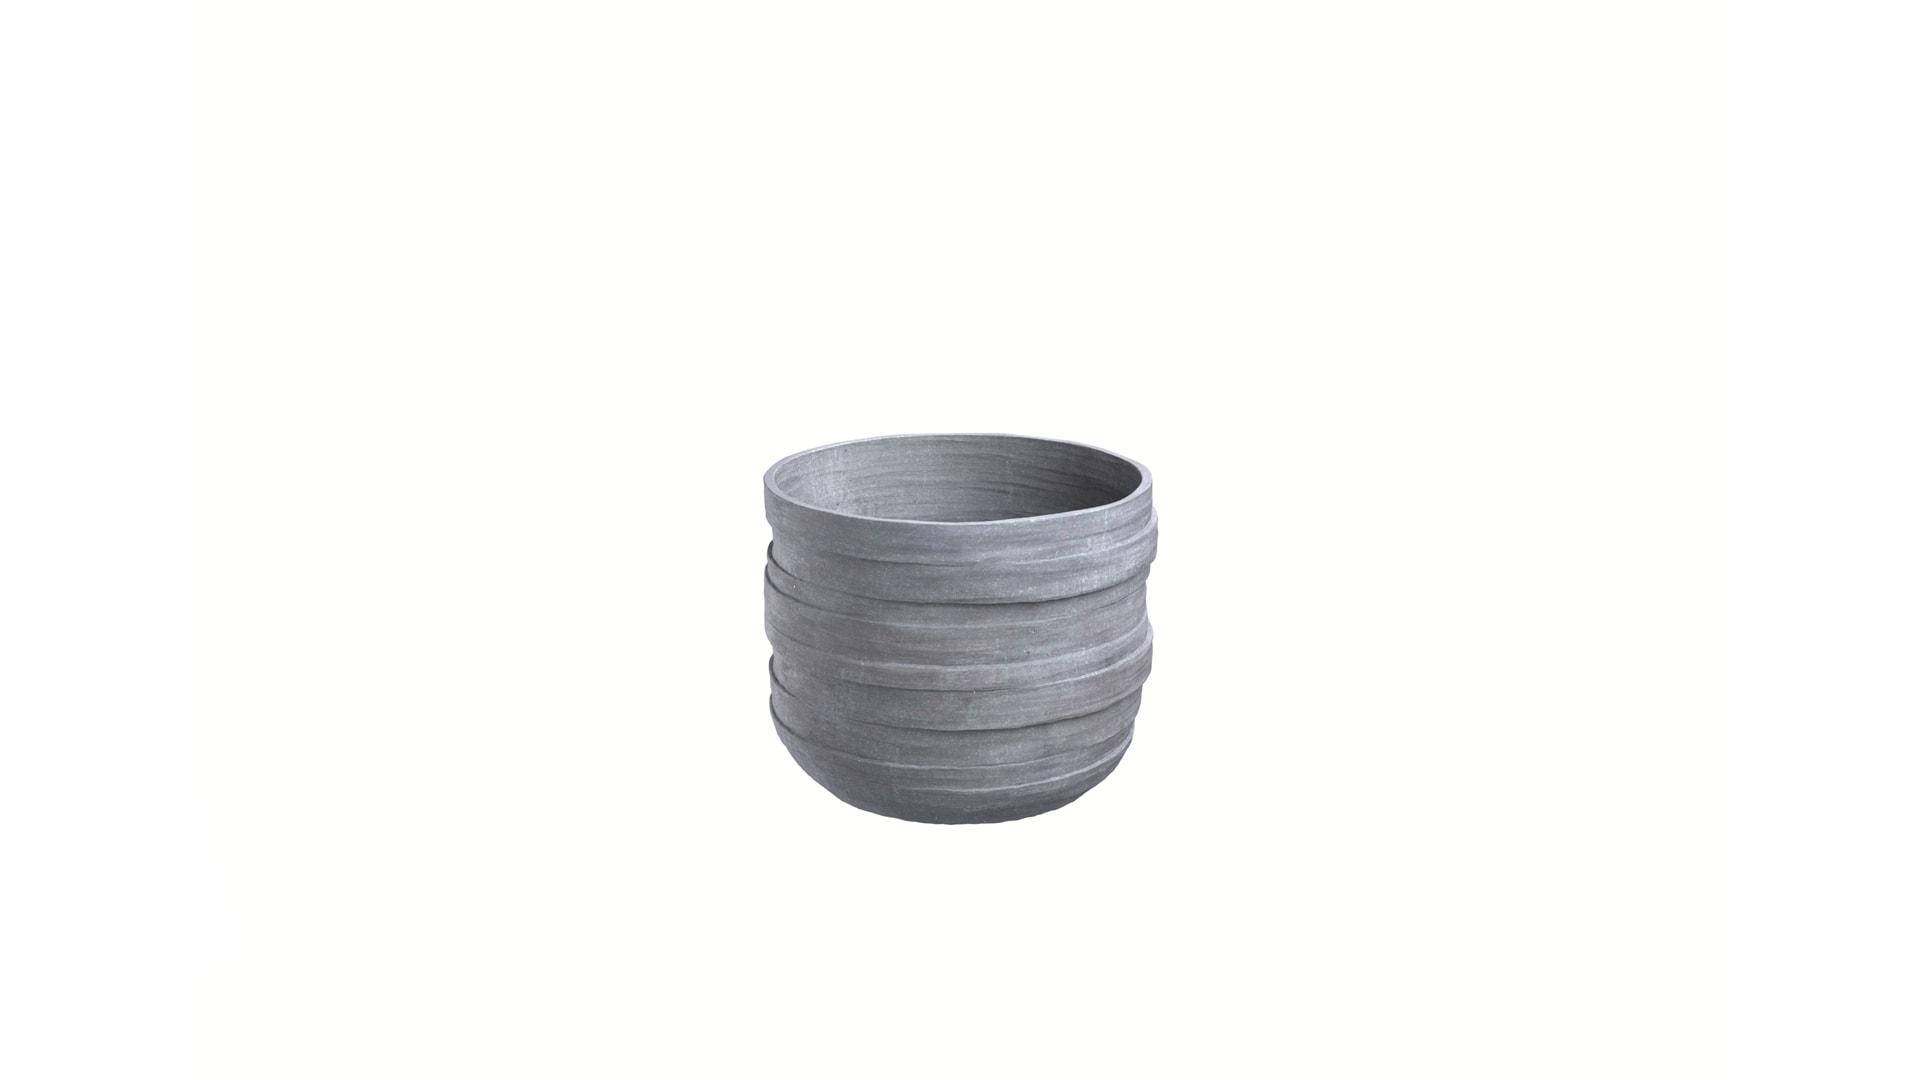 pflanzk bel rund beton wetterfest in drei farben erch ltlich. Black Bedroom Furniture Sets. Home Design Ideas